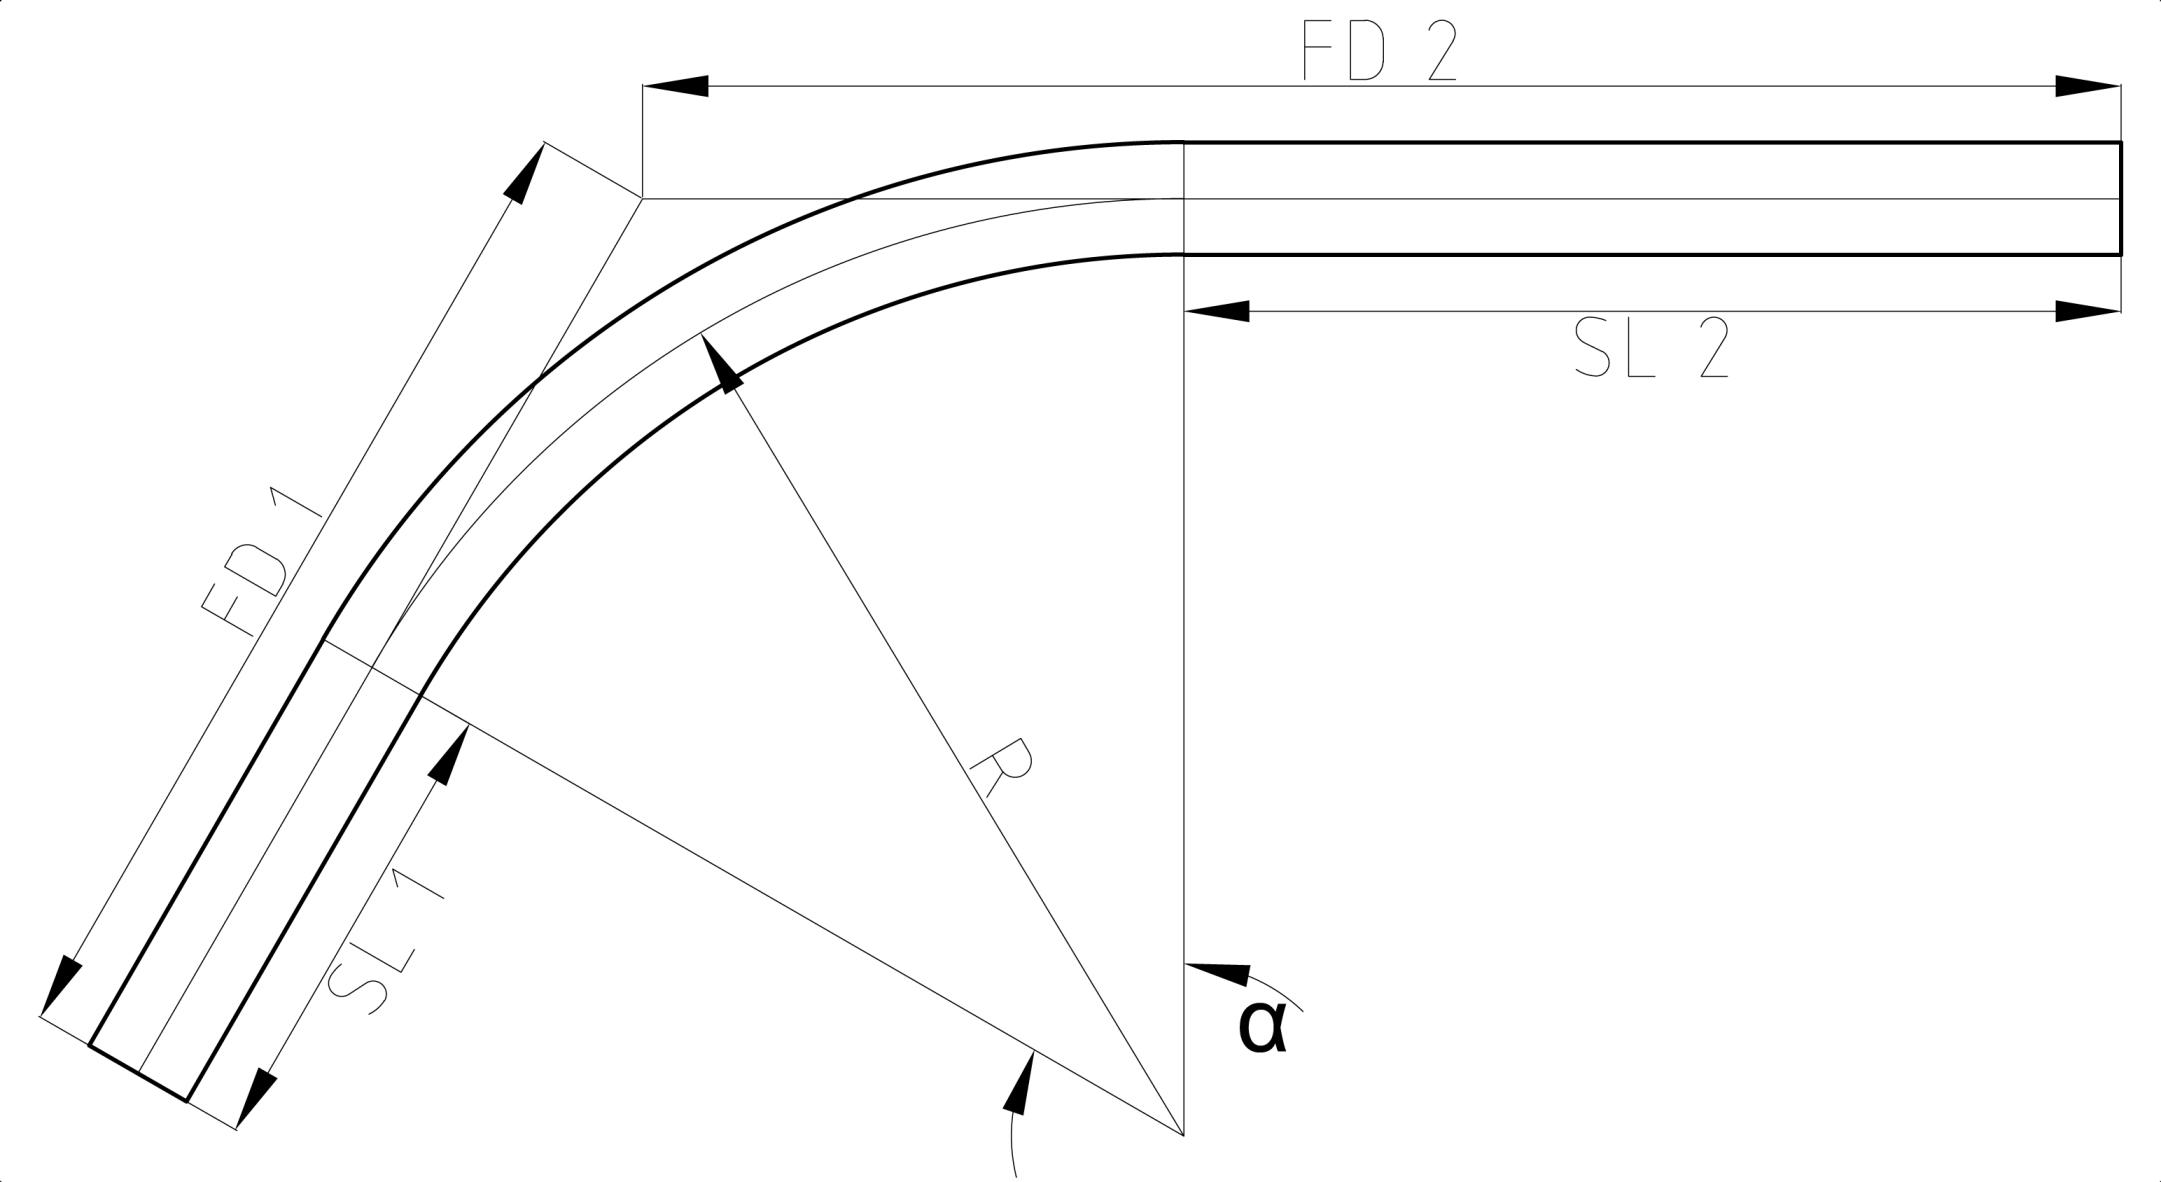 Resultado de imagen para dimension of tubing